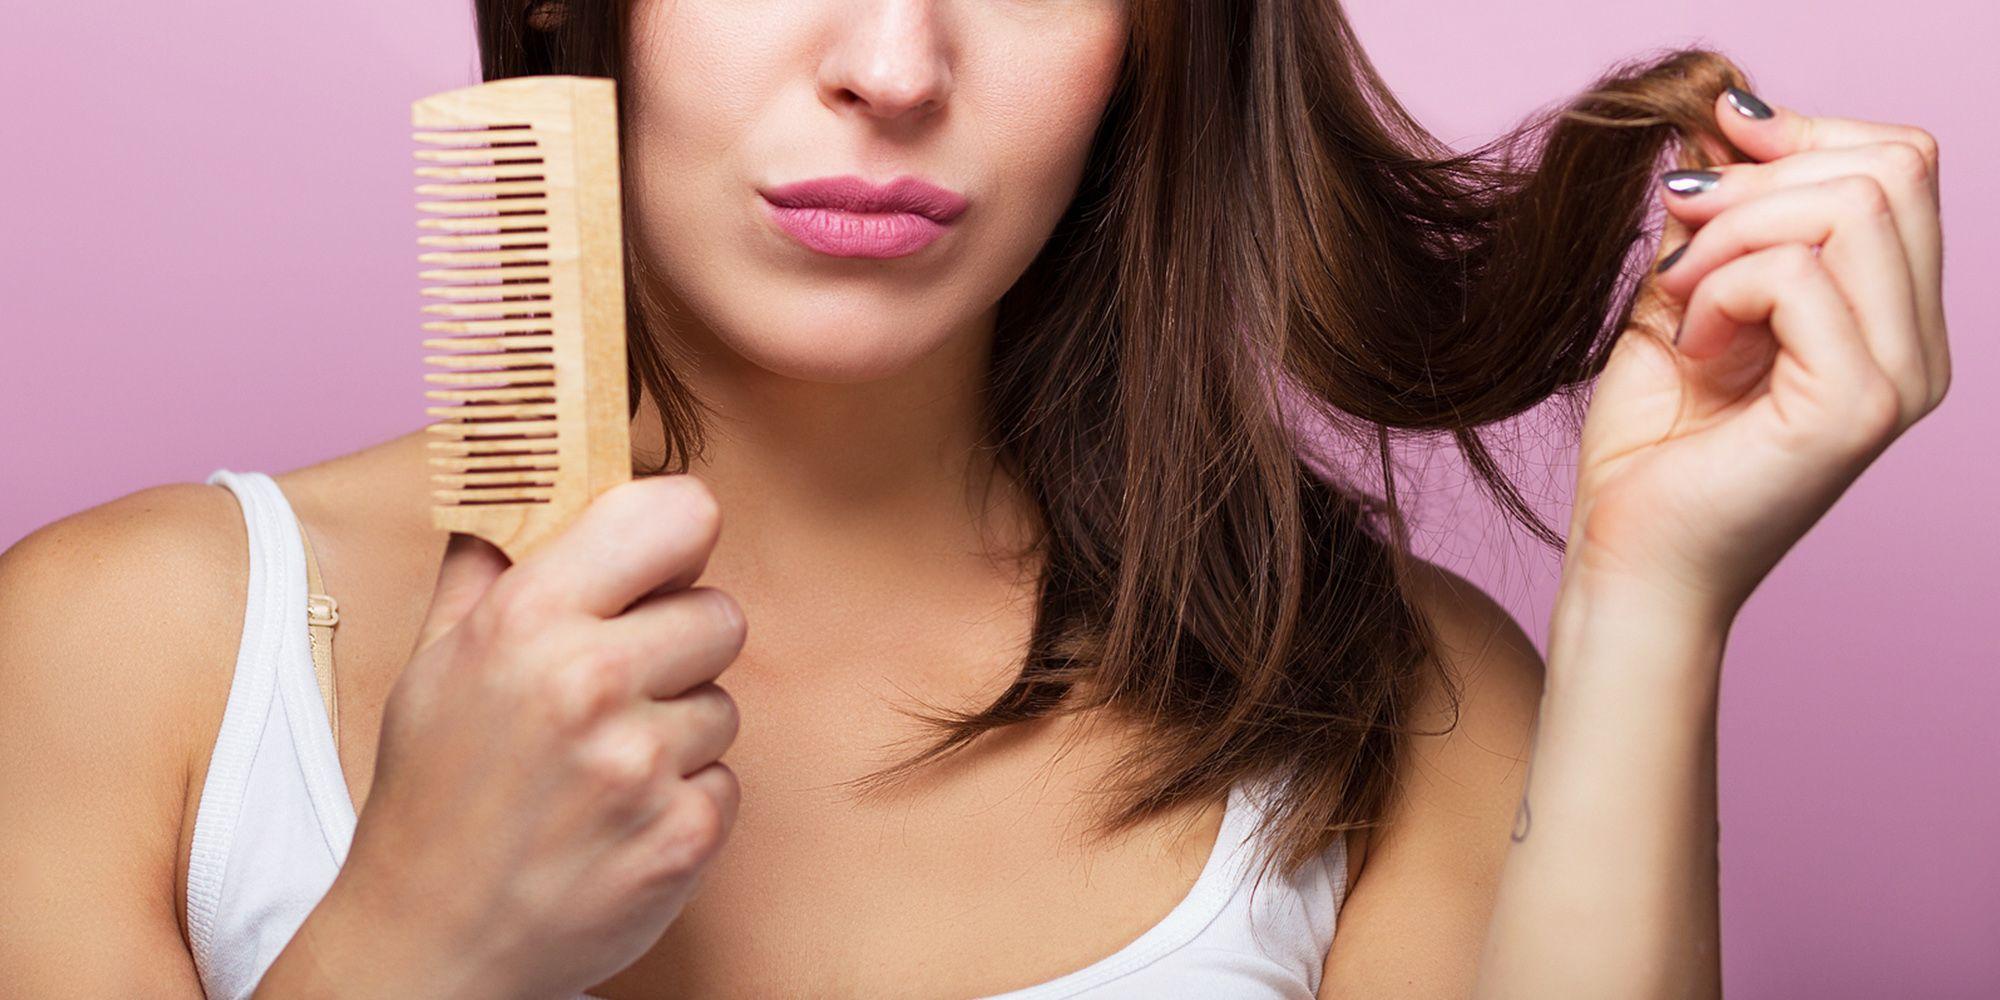 Caduta capelli in autunno  6 rimedi per rinforzare la chioma 51620b5fefe1